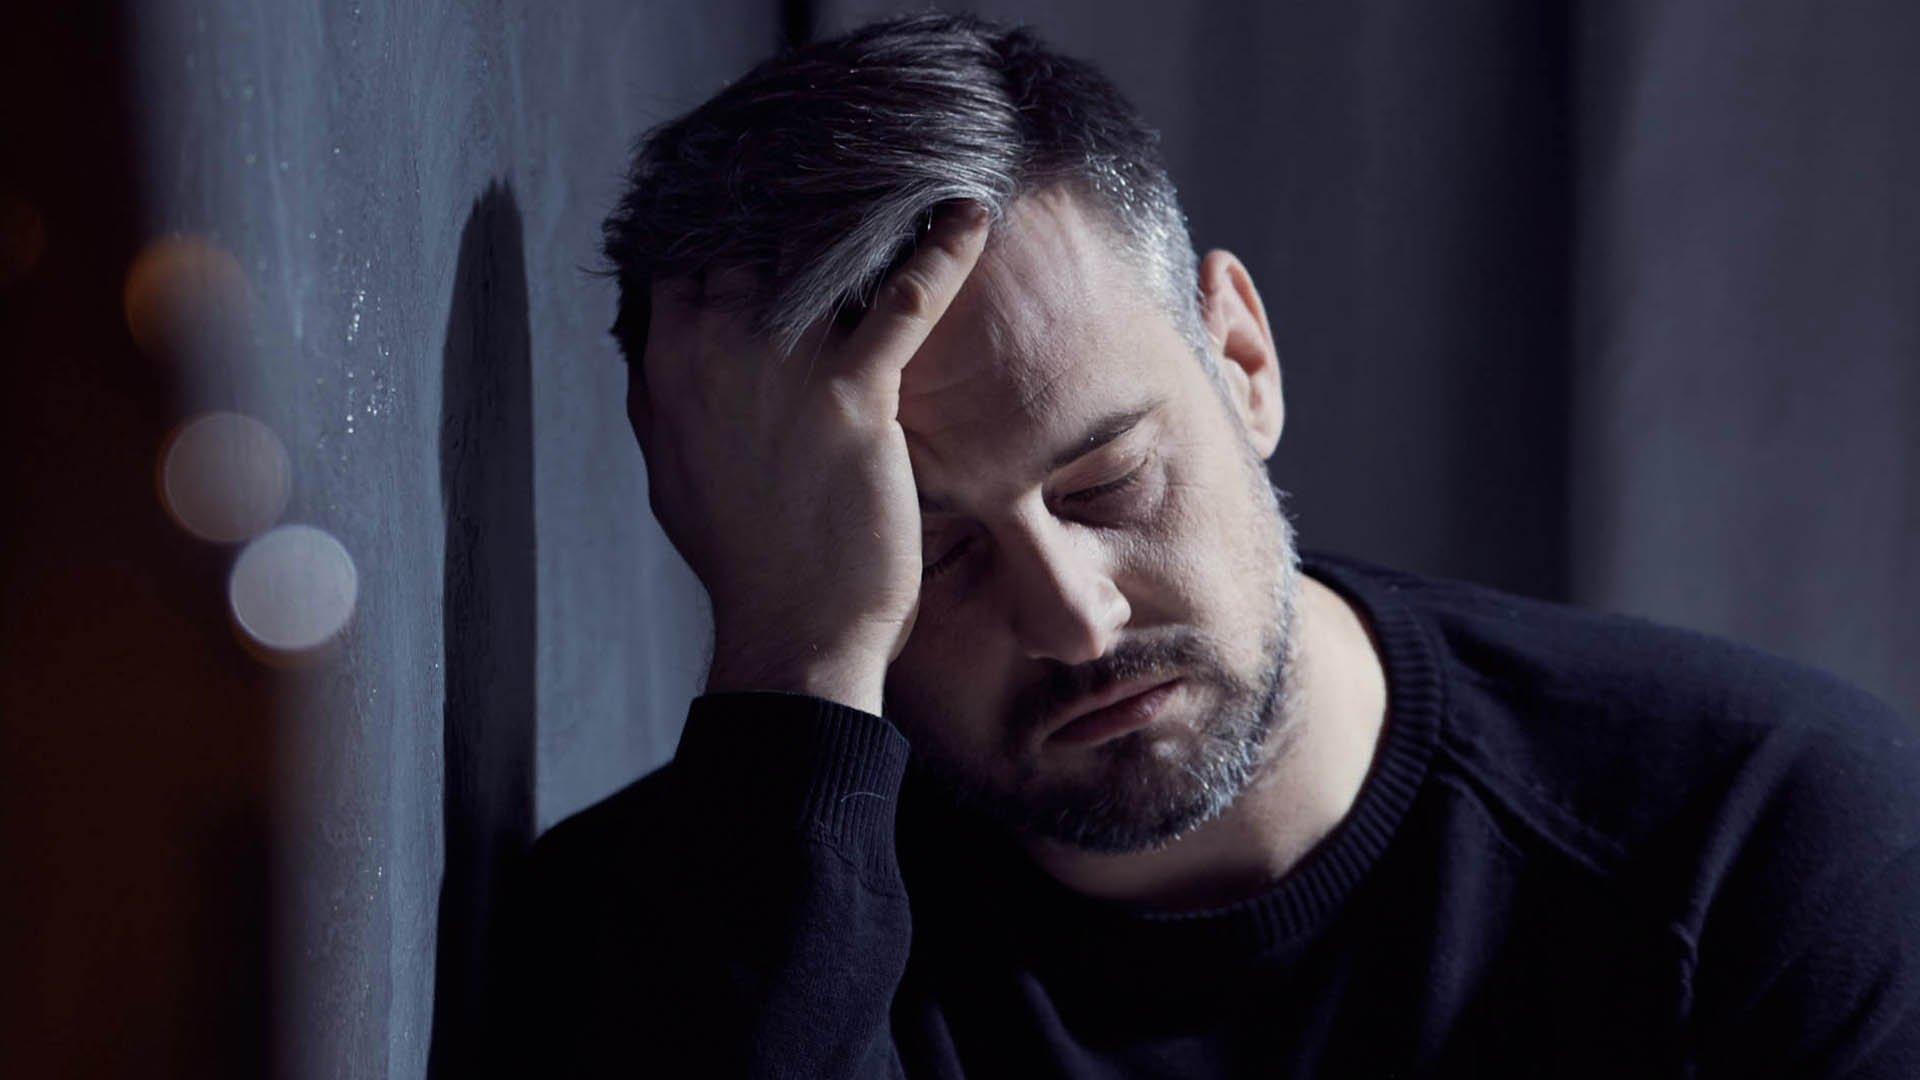 Gli uomini hanno difficoltà a denunciare gli abusi subiti